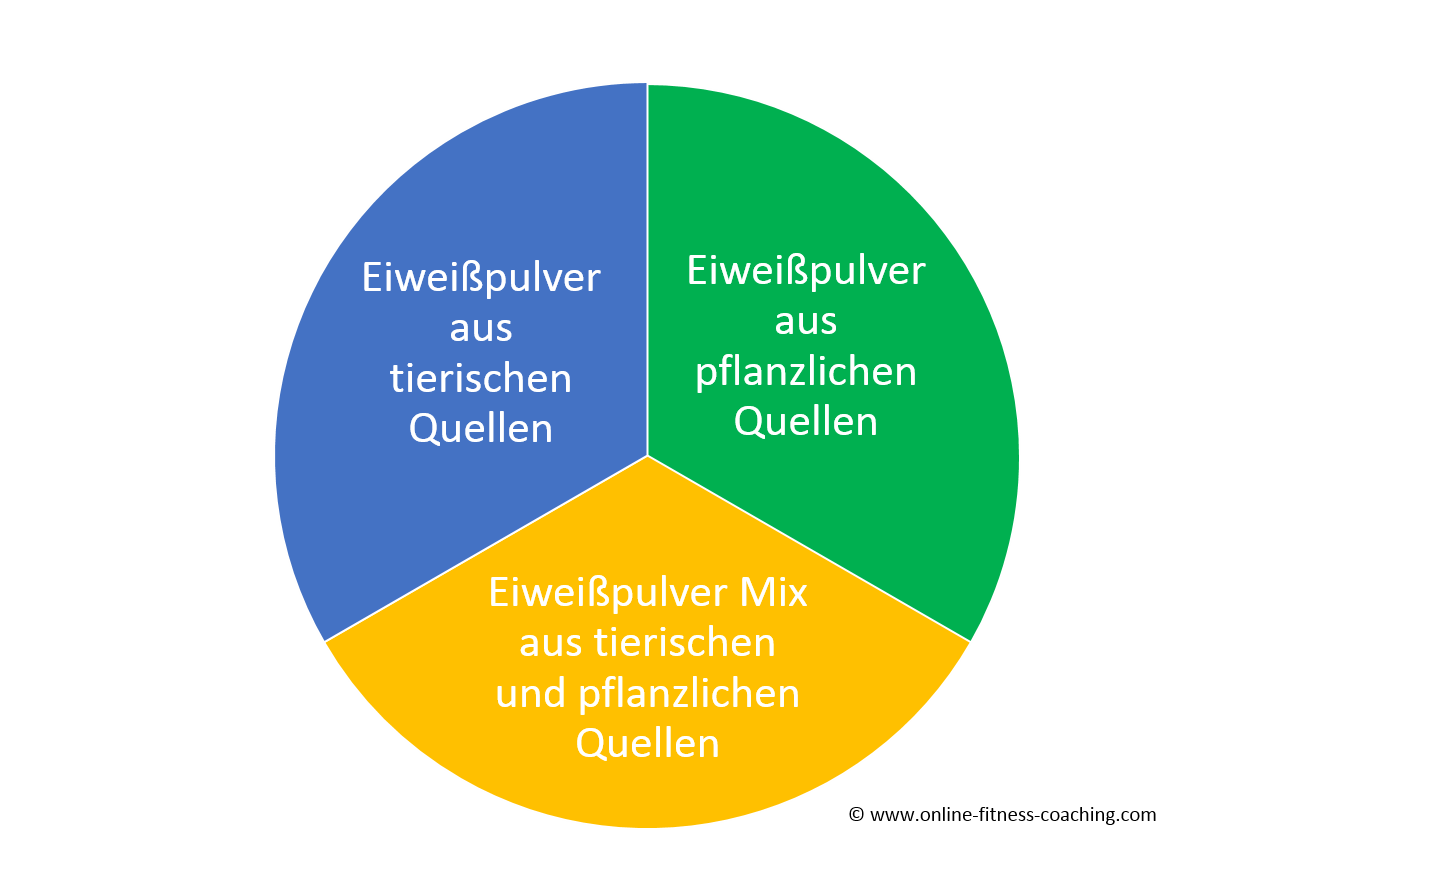 Eiweißpulver guide Test